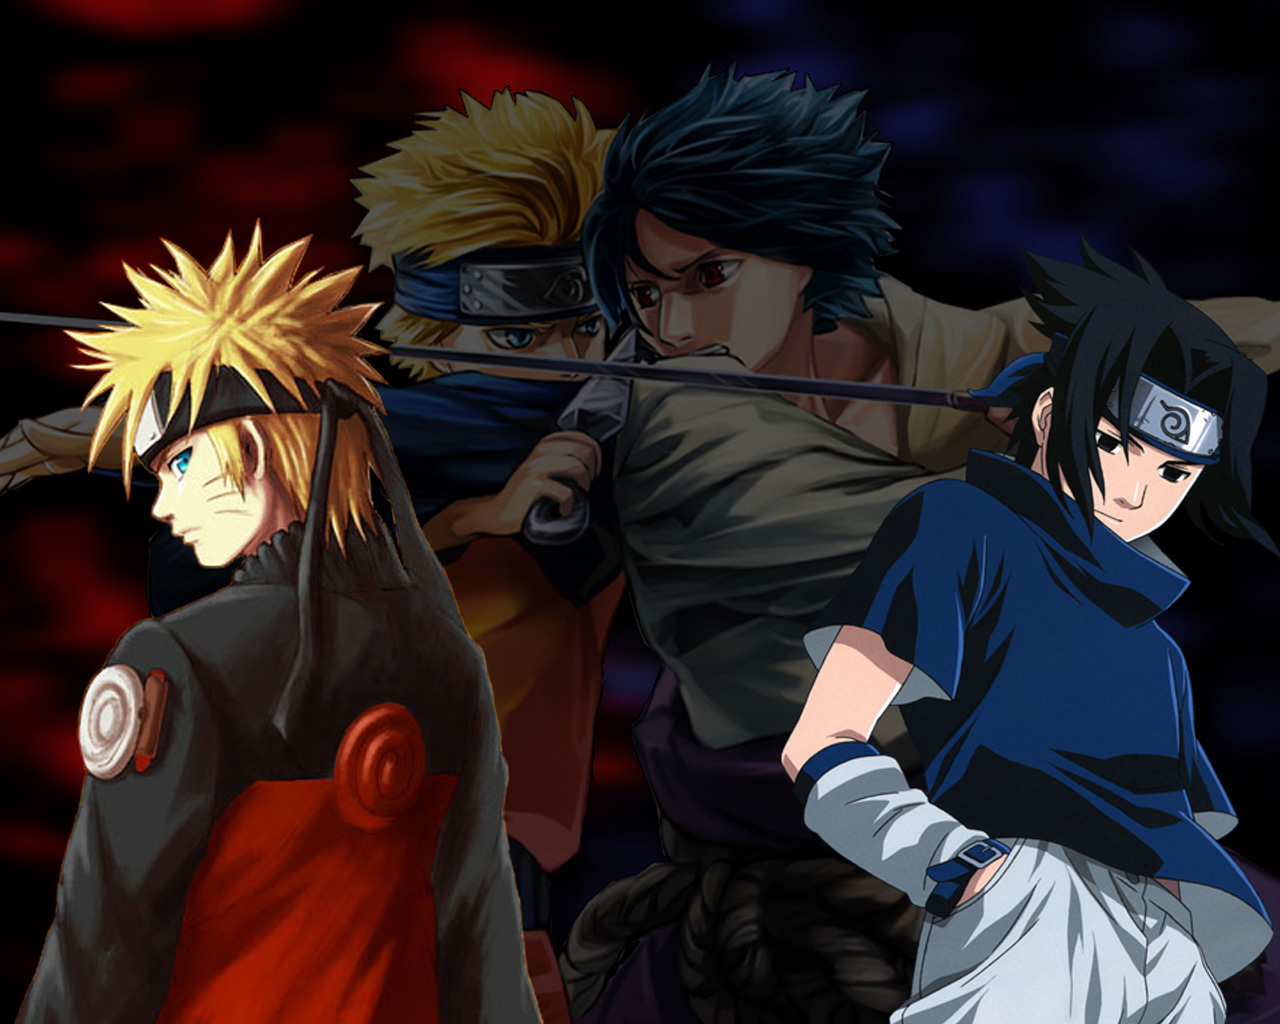 WallpapersKu Naruto vs Sasuke Wallpapers 1280x1024